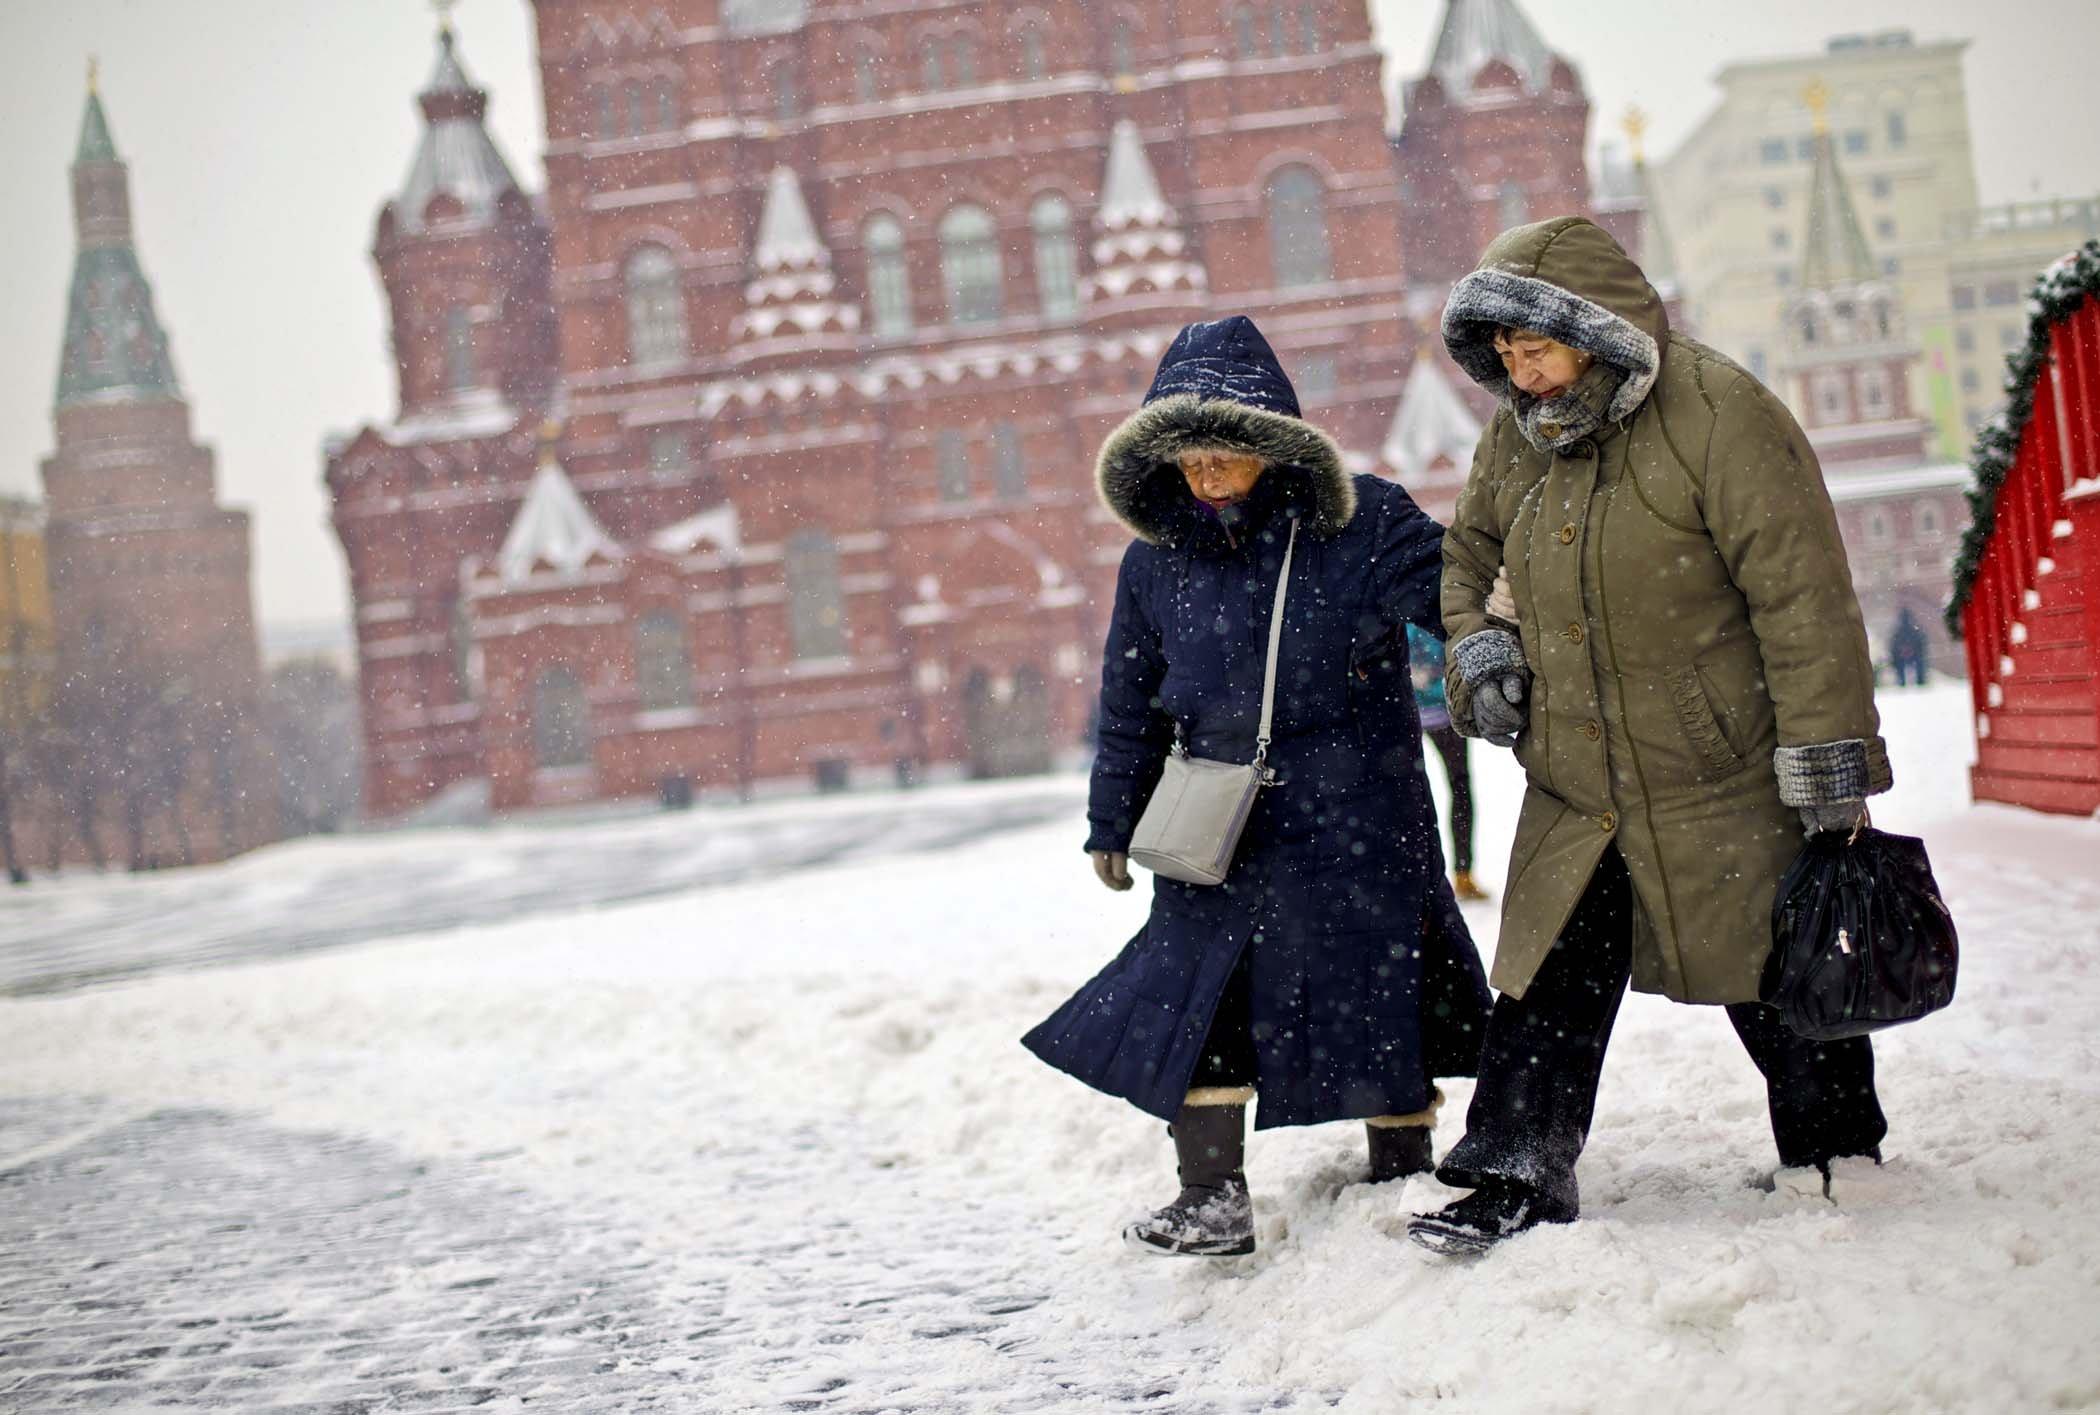 Москва зимой фото в чем одеты люди